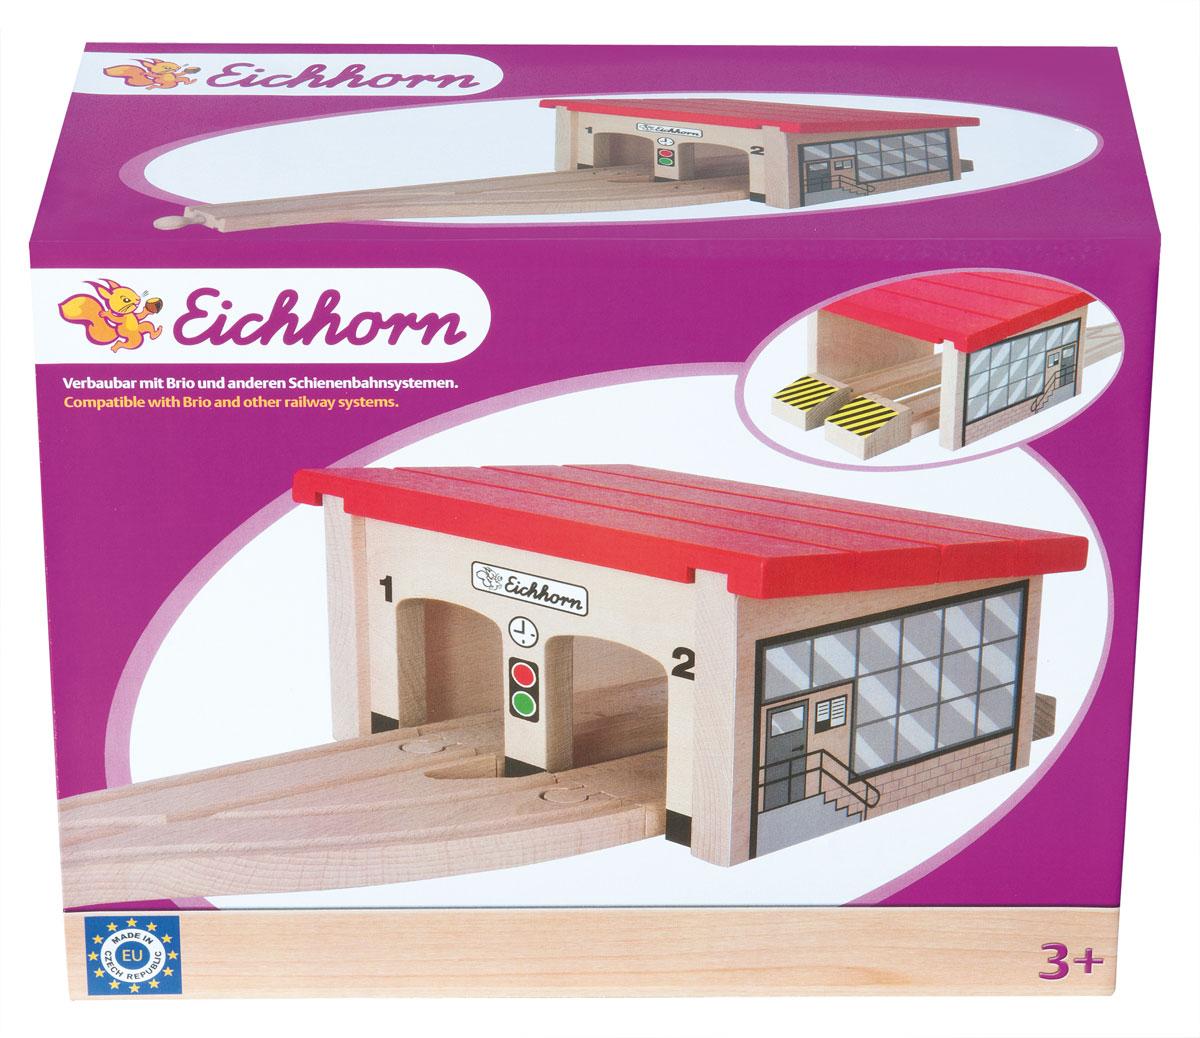 """Паровозное депо """"Eichhorn"""" станет прекрасным дополнением при постройке детской железной дороги. В комплект входят элементы рельсов, здание депо и ограничители. Все элементы выполнены из экологически чистых материалов, безопасных для детского здоровья, а их поверхности гладкие. Депо позволяет разместить под своей крышей два паровоза, тепловоза или вагончика для отдыха или планового ремонта. Паровозное депо """"Eichhorn"""" обязательно порадует вашего малыша и разнообразит его игры. Железные дороги позволяют ребенку не только получать удовольствие от игры, но и развивать пространственное воображение, мелкую моторику и координацию движений. Совместим со всеми стандартными наборами """"Eichhorn"""" и наборами """"Brio""""."""